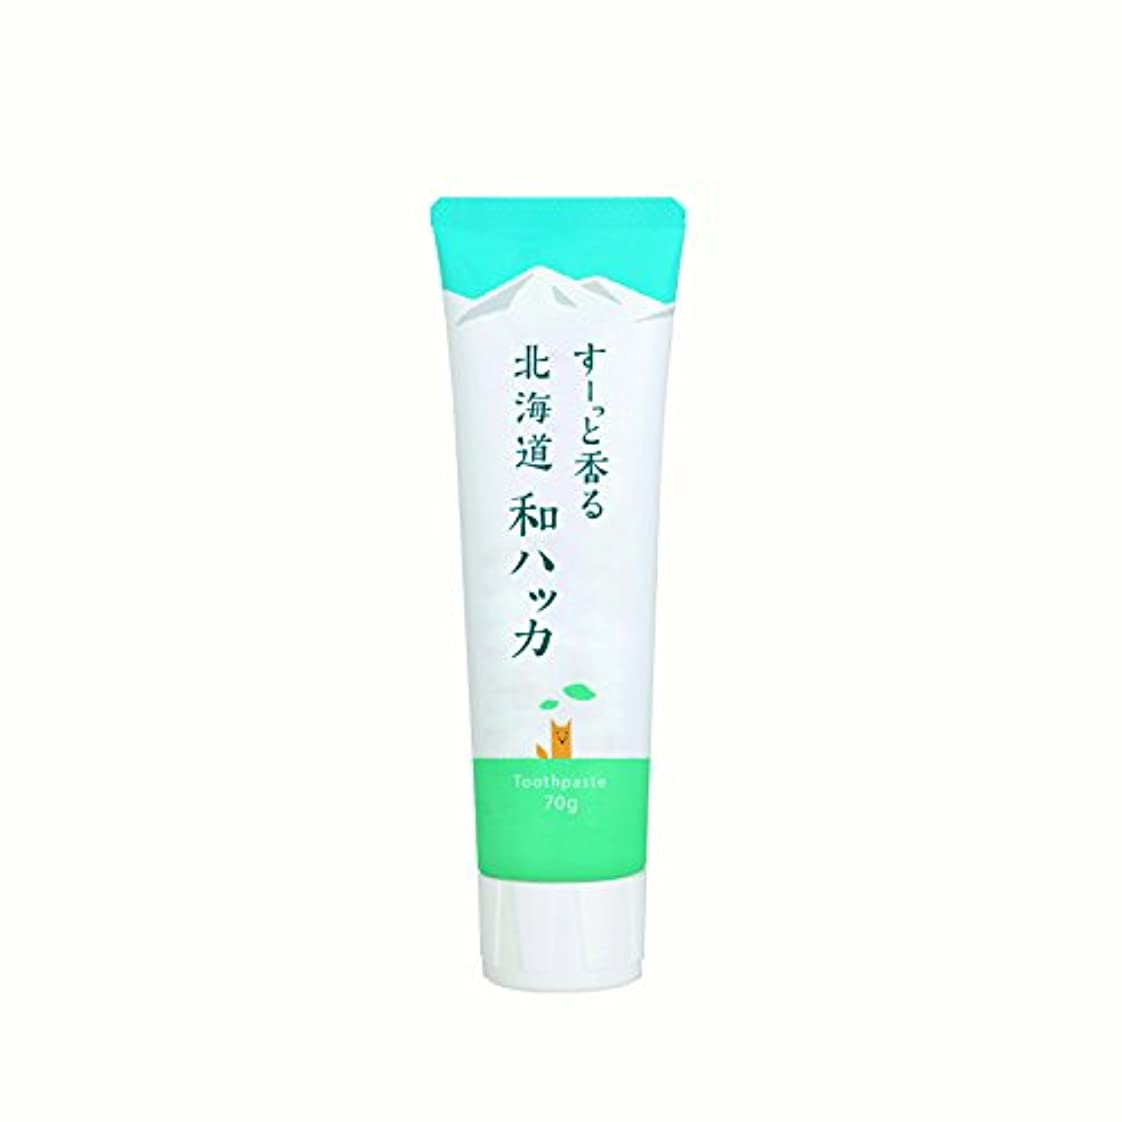 踏み台未就学ガジュマル(美健)BIKEN ハッカ歯磨き粉 すーっと香る北海道和ハッカ